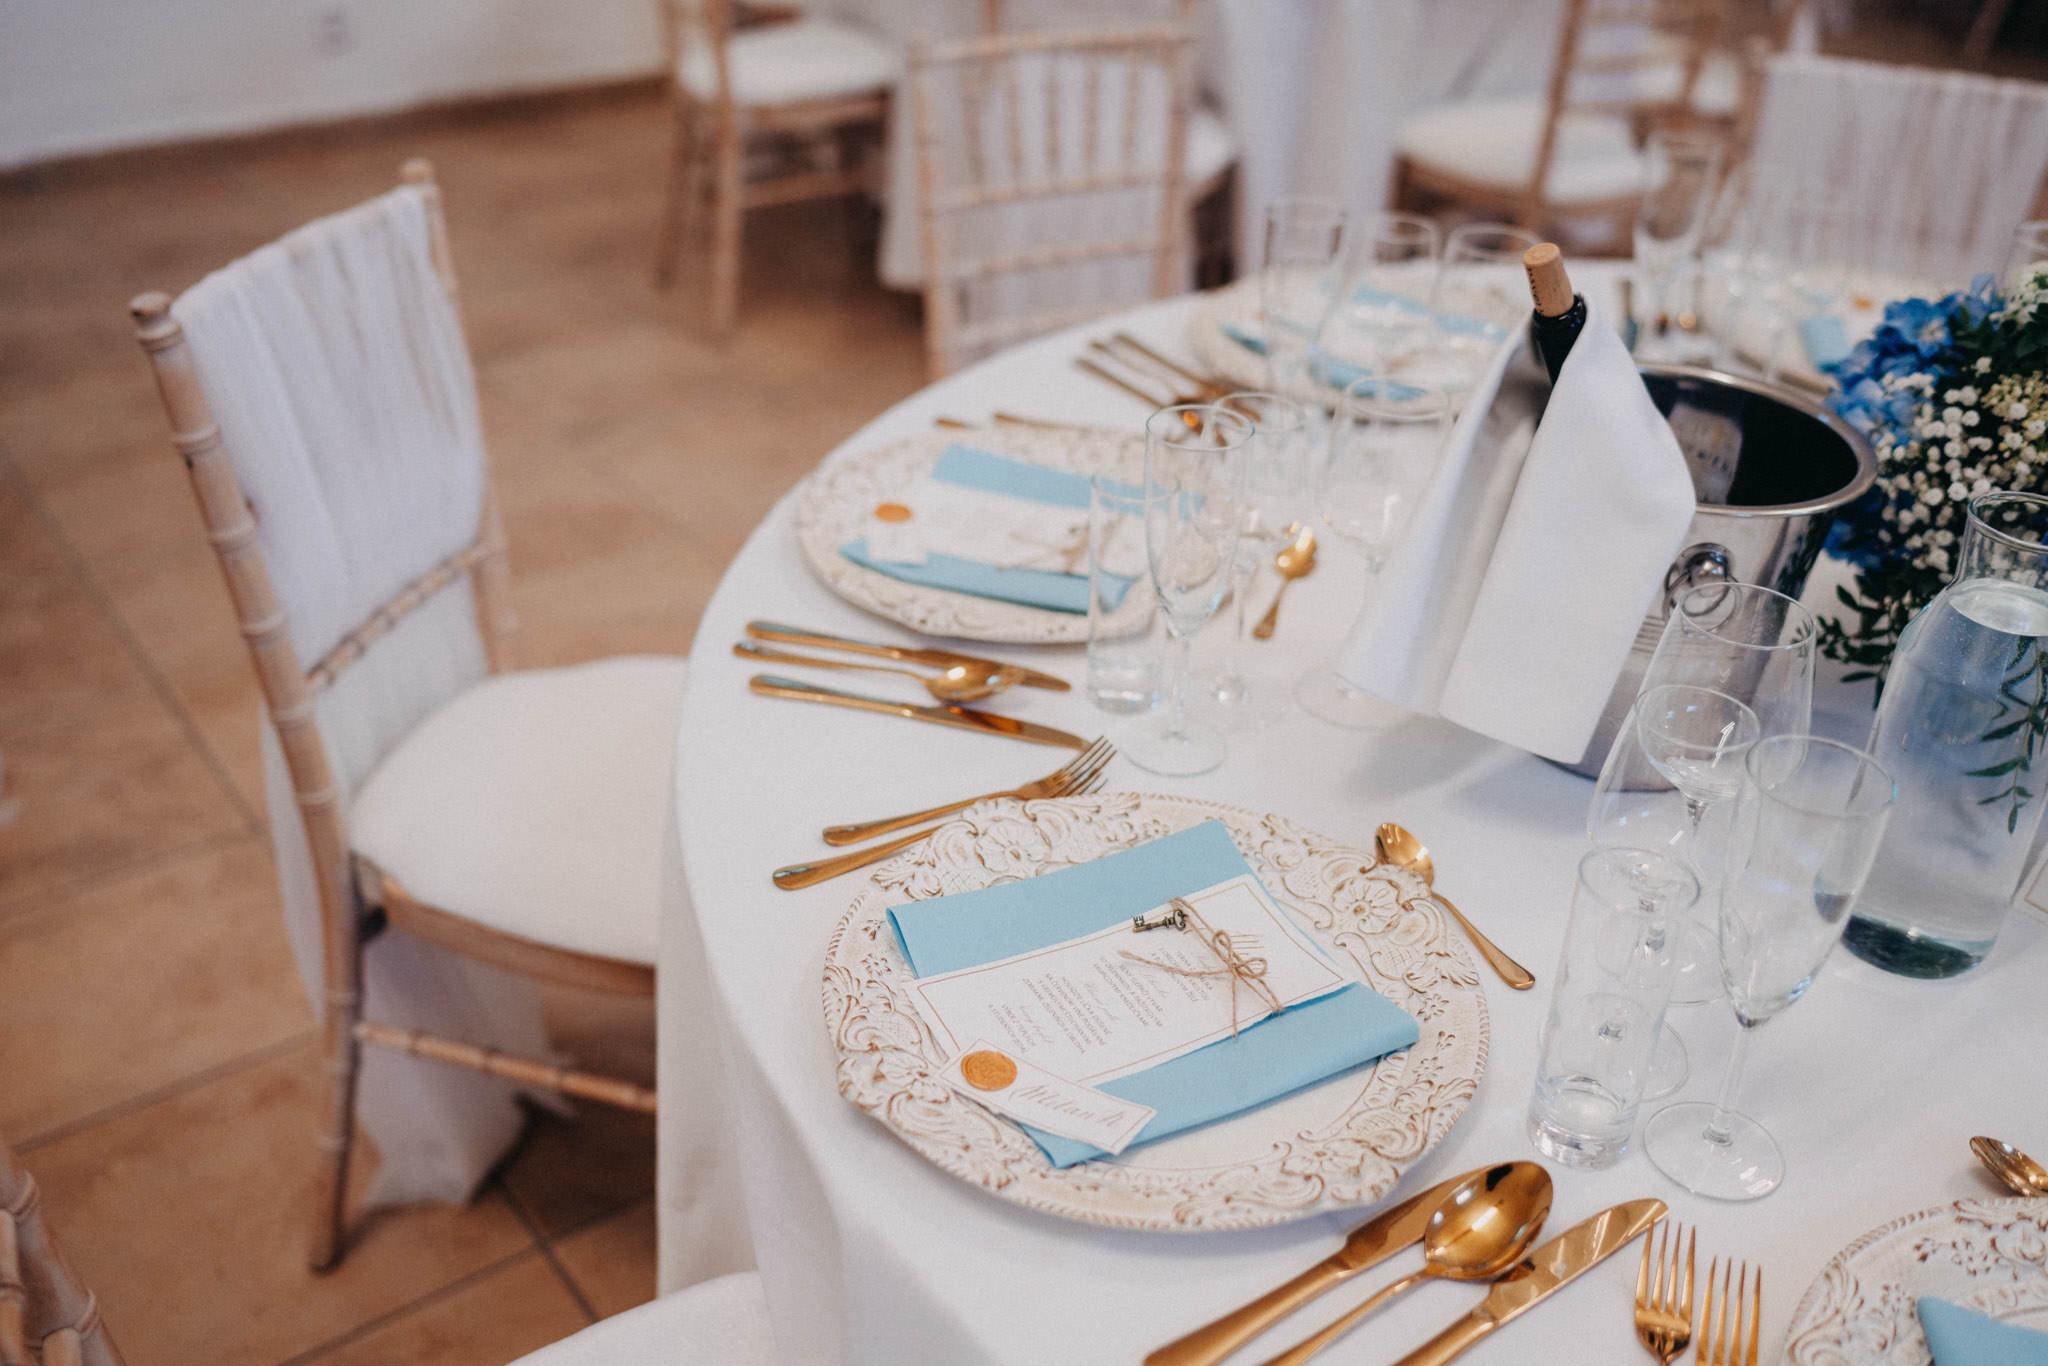 Svadobná hostina - wedday